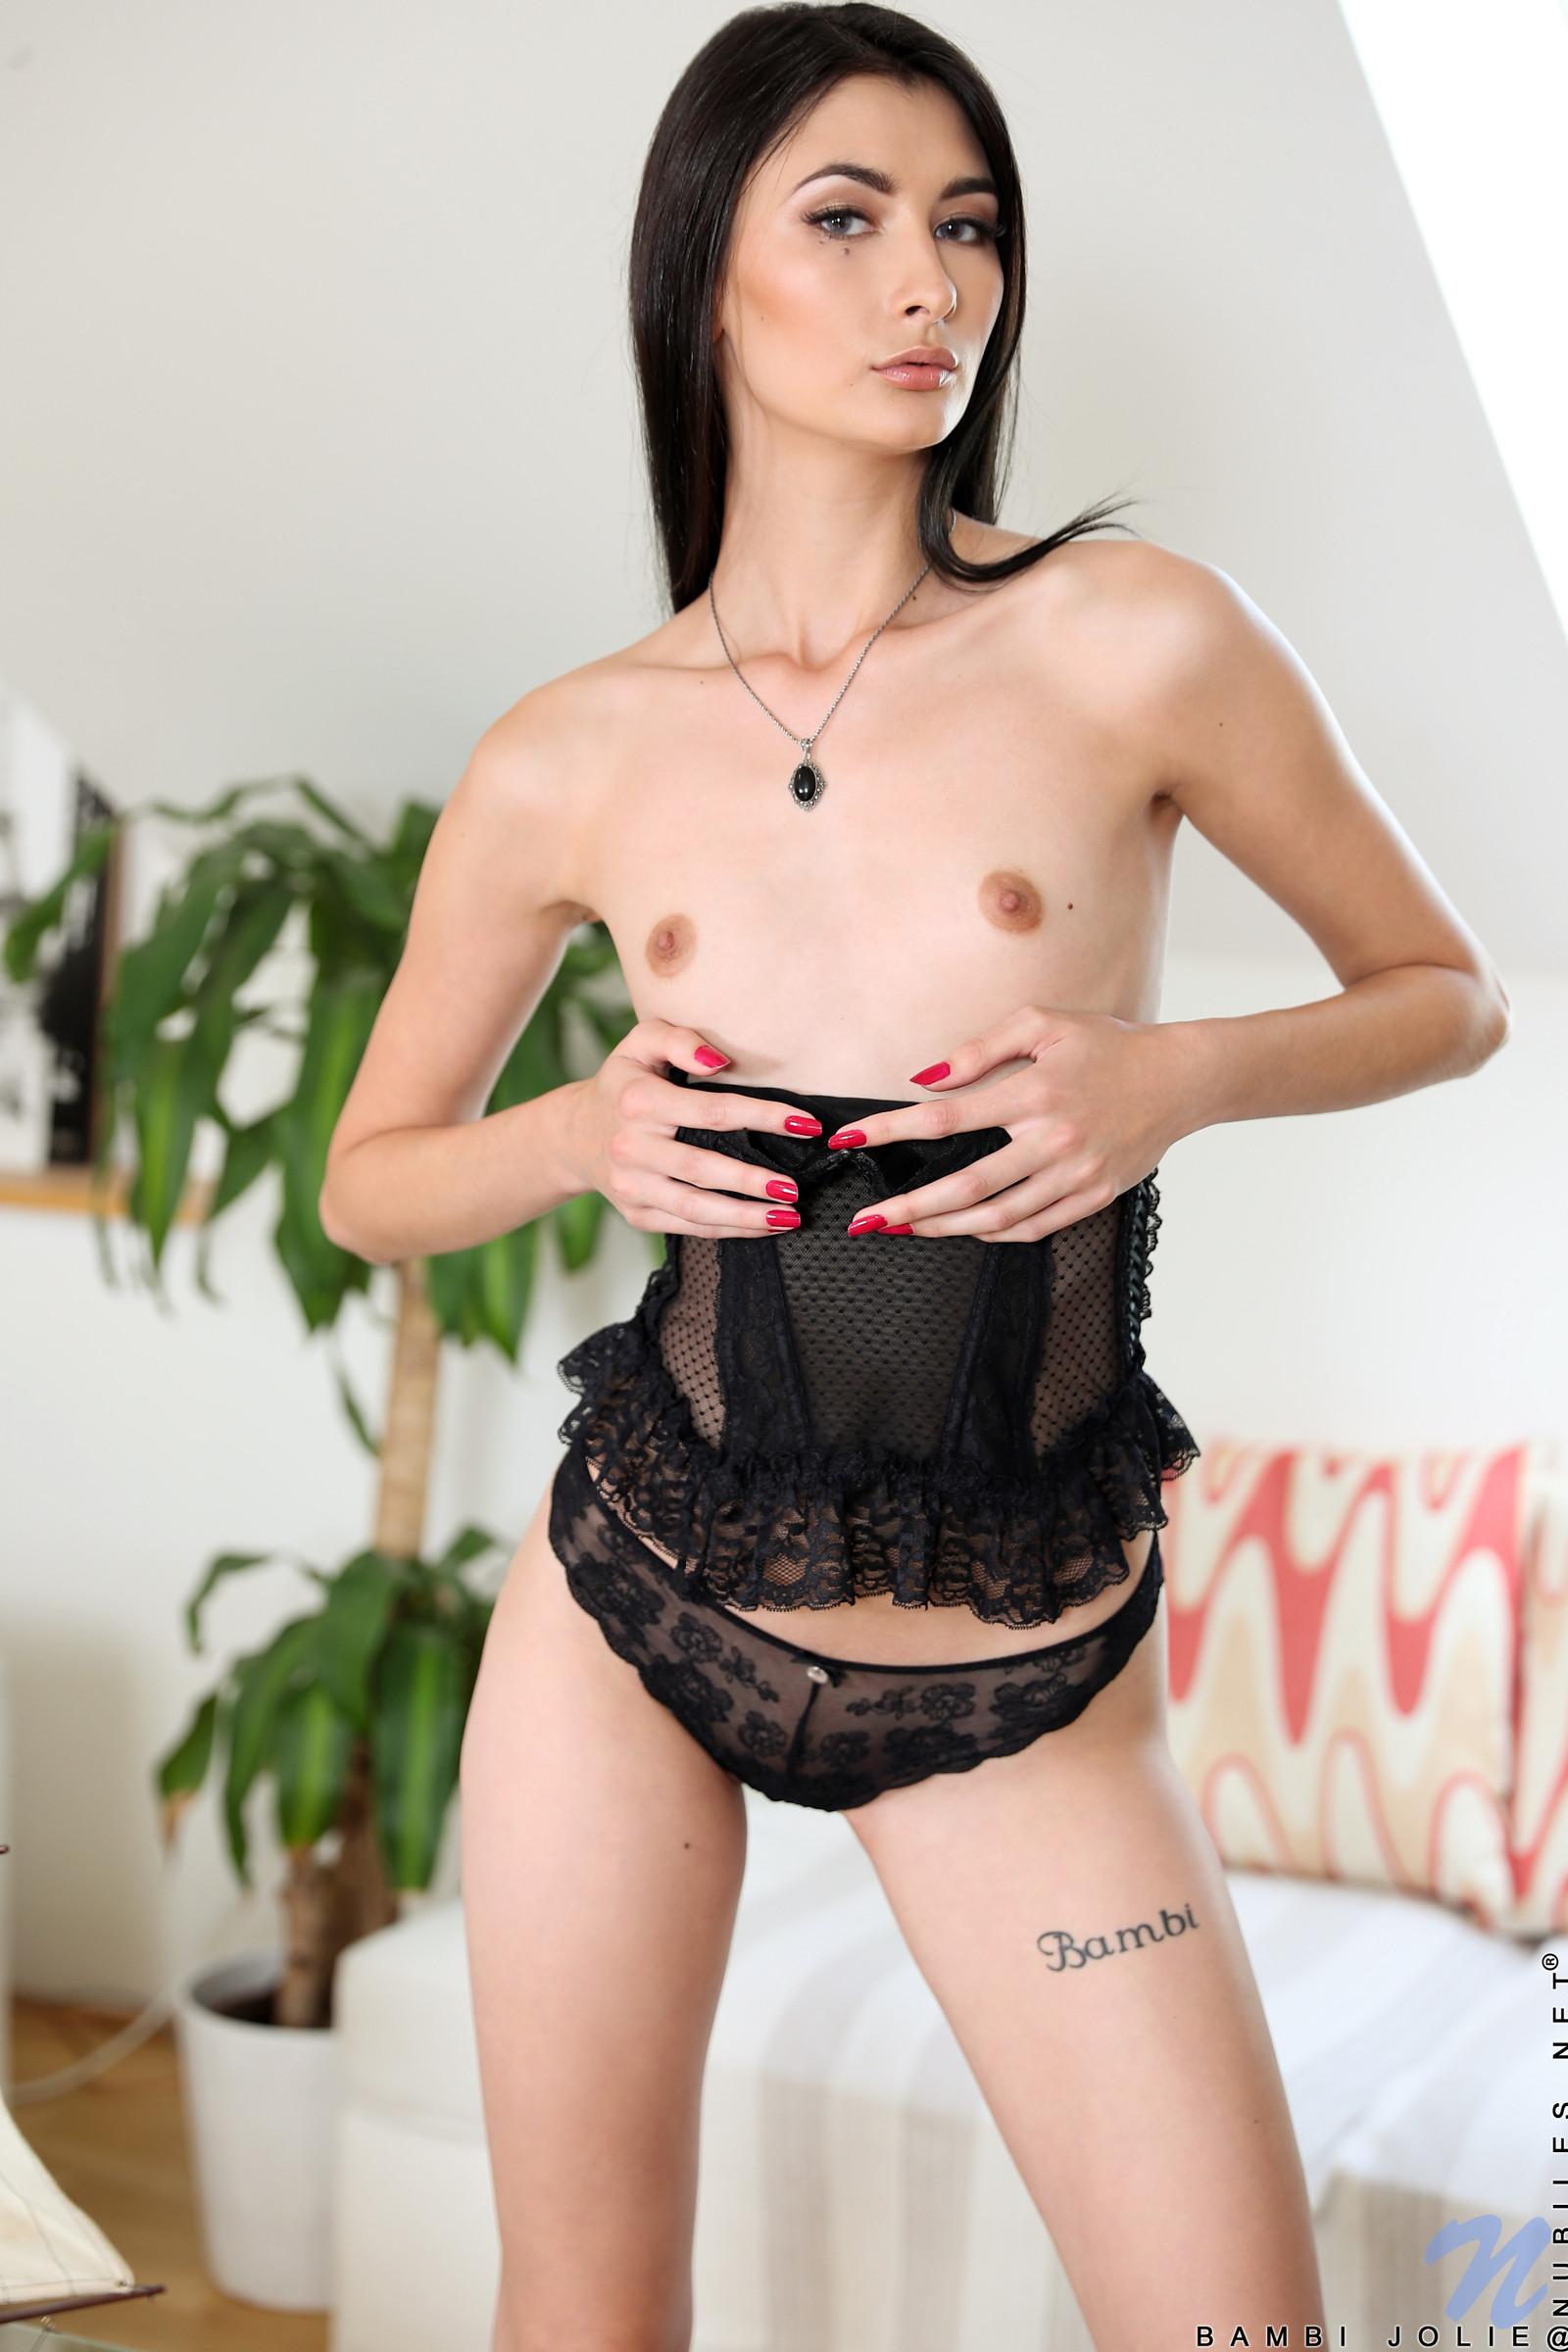 anjla jolly nude fuck sexy